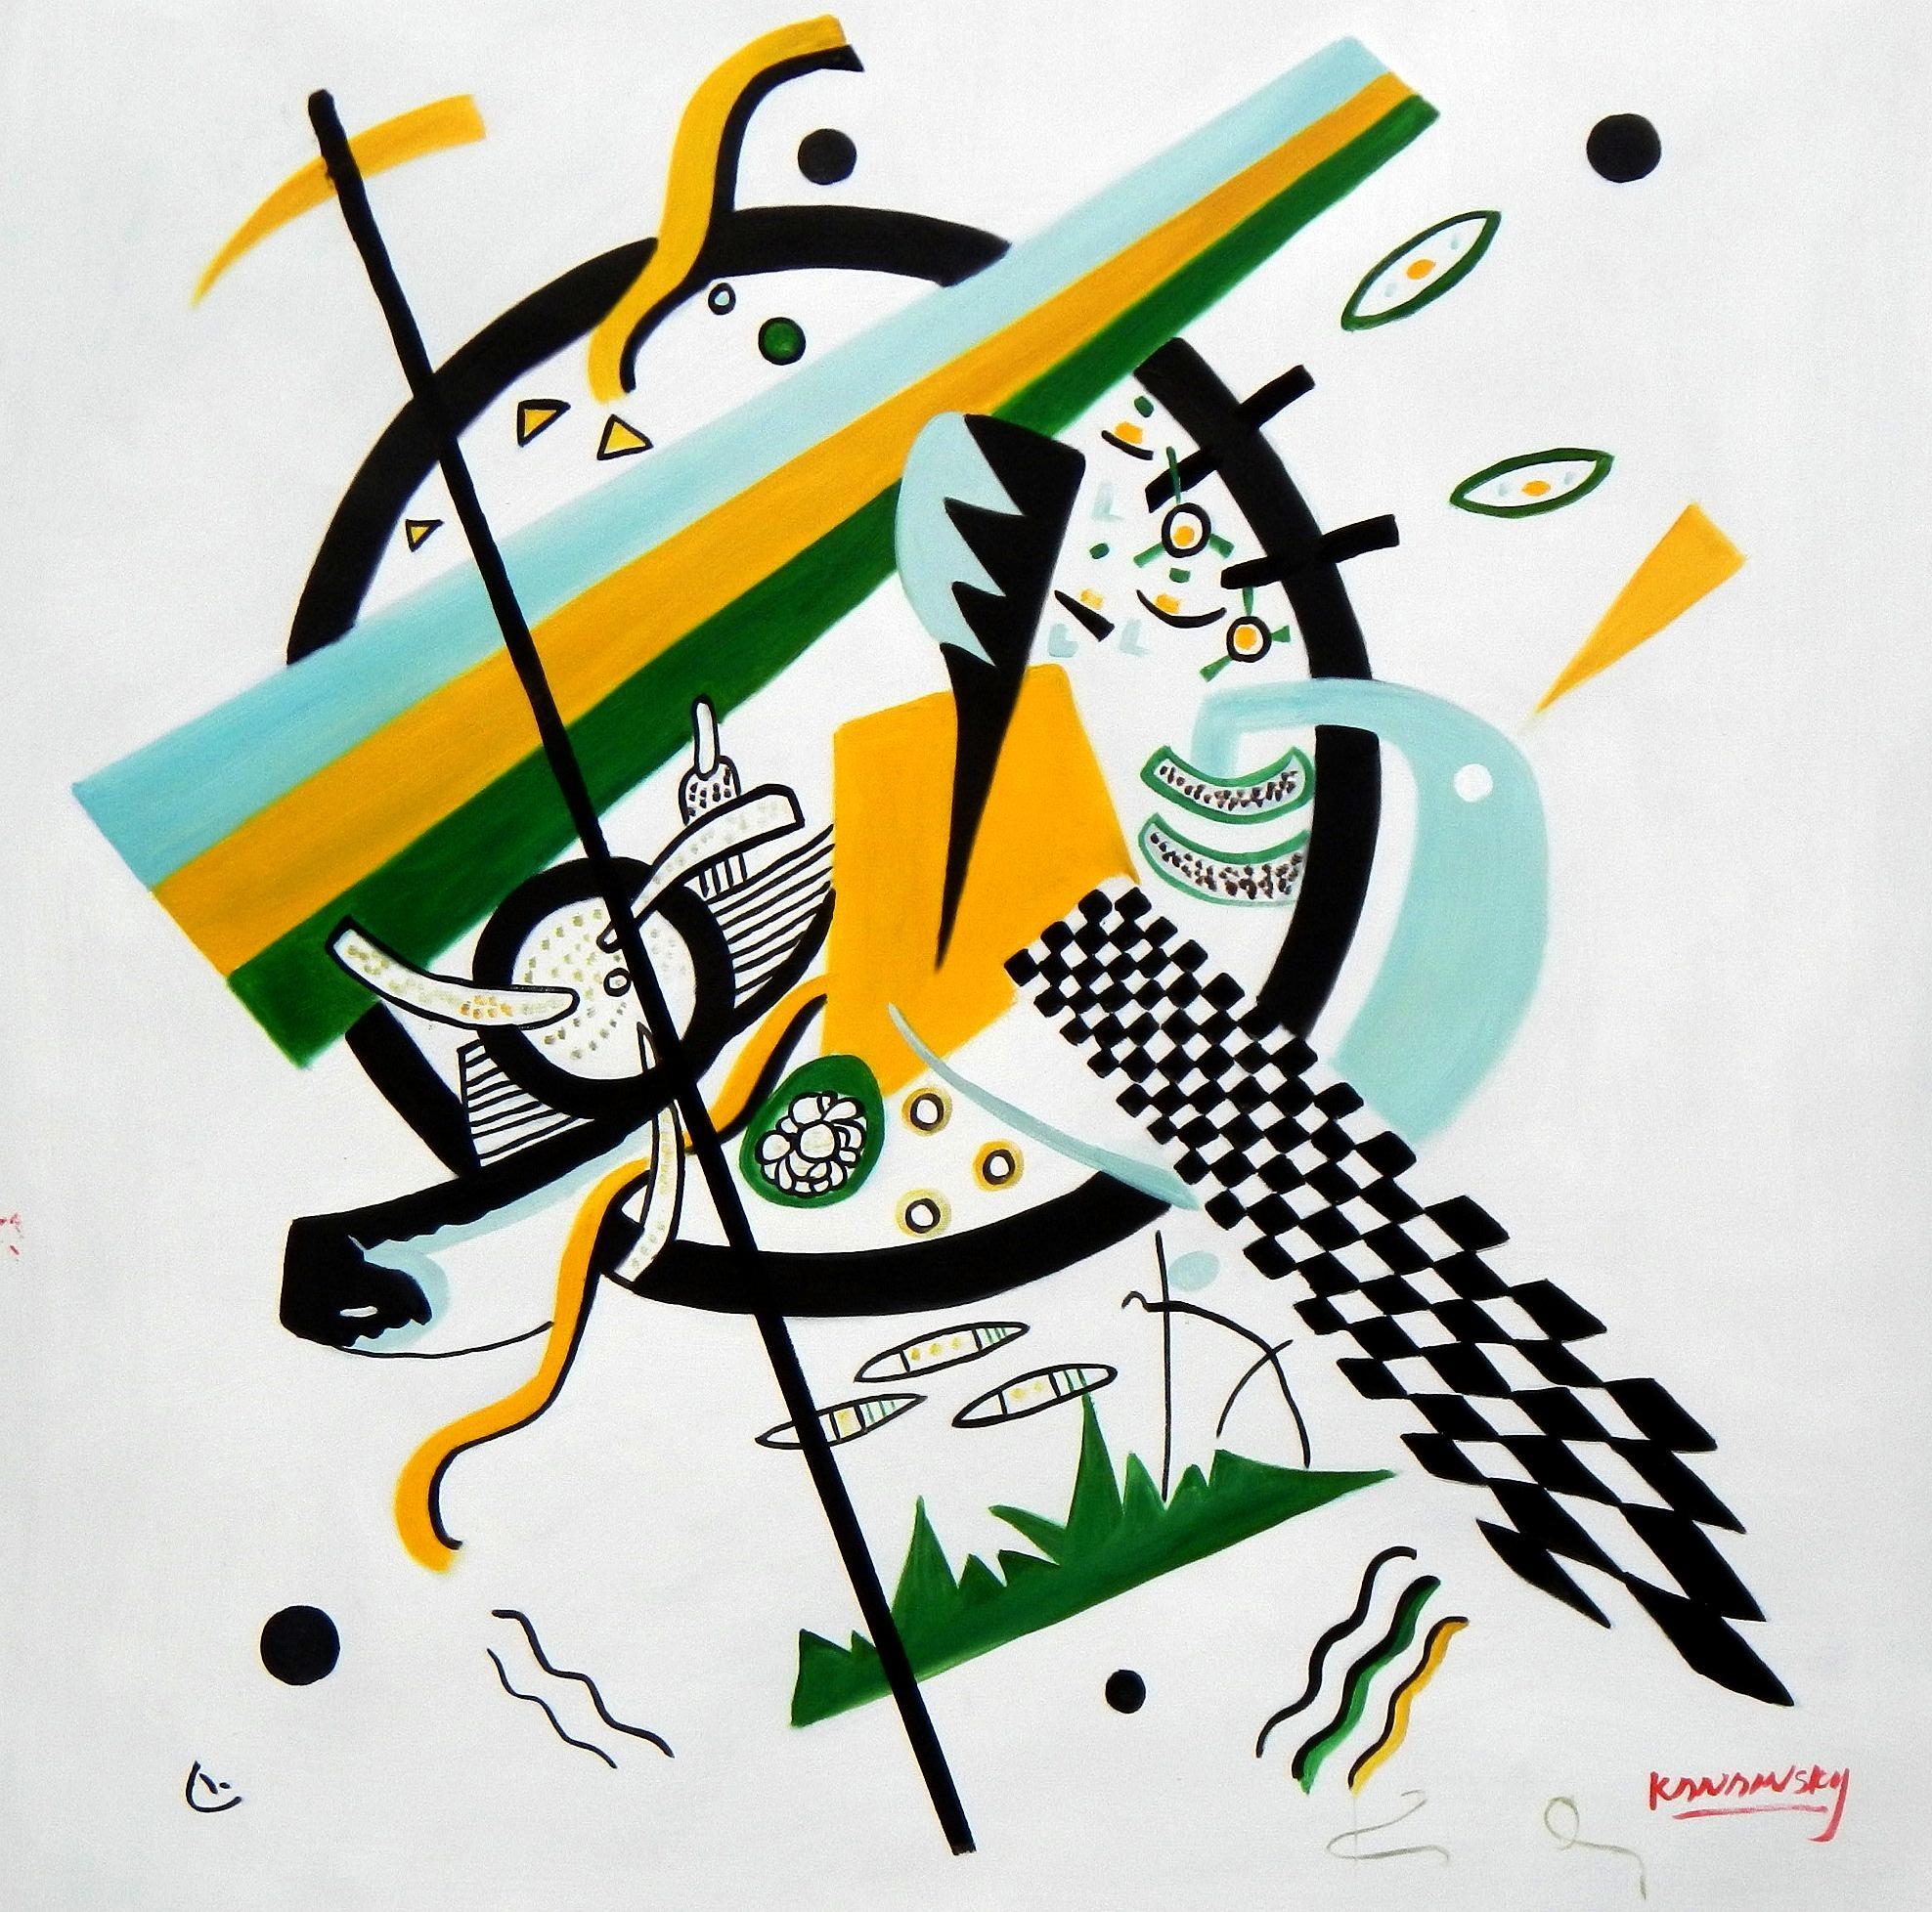 Wassily Kandinsky - Kleine Welten g94655 80x80cm exquisites Gemälde